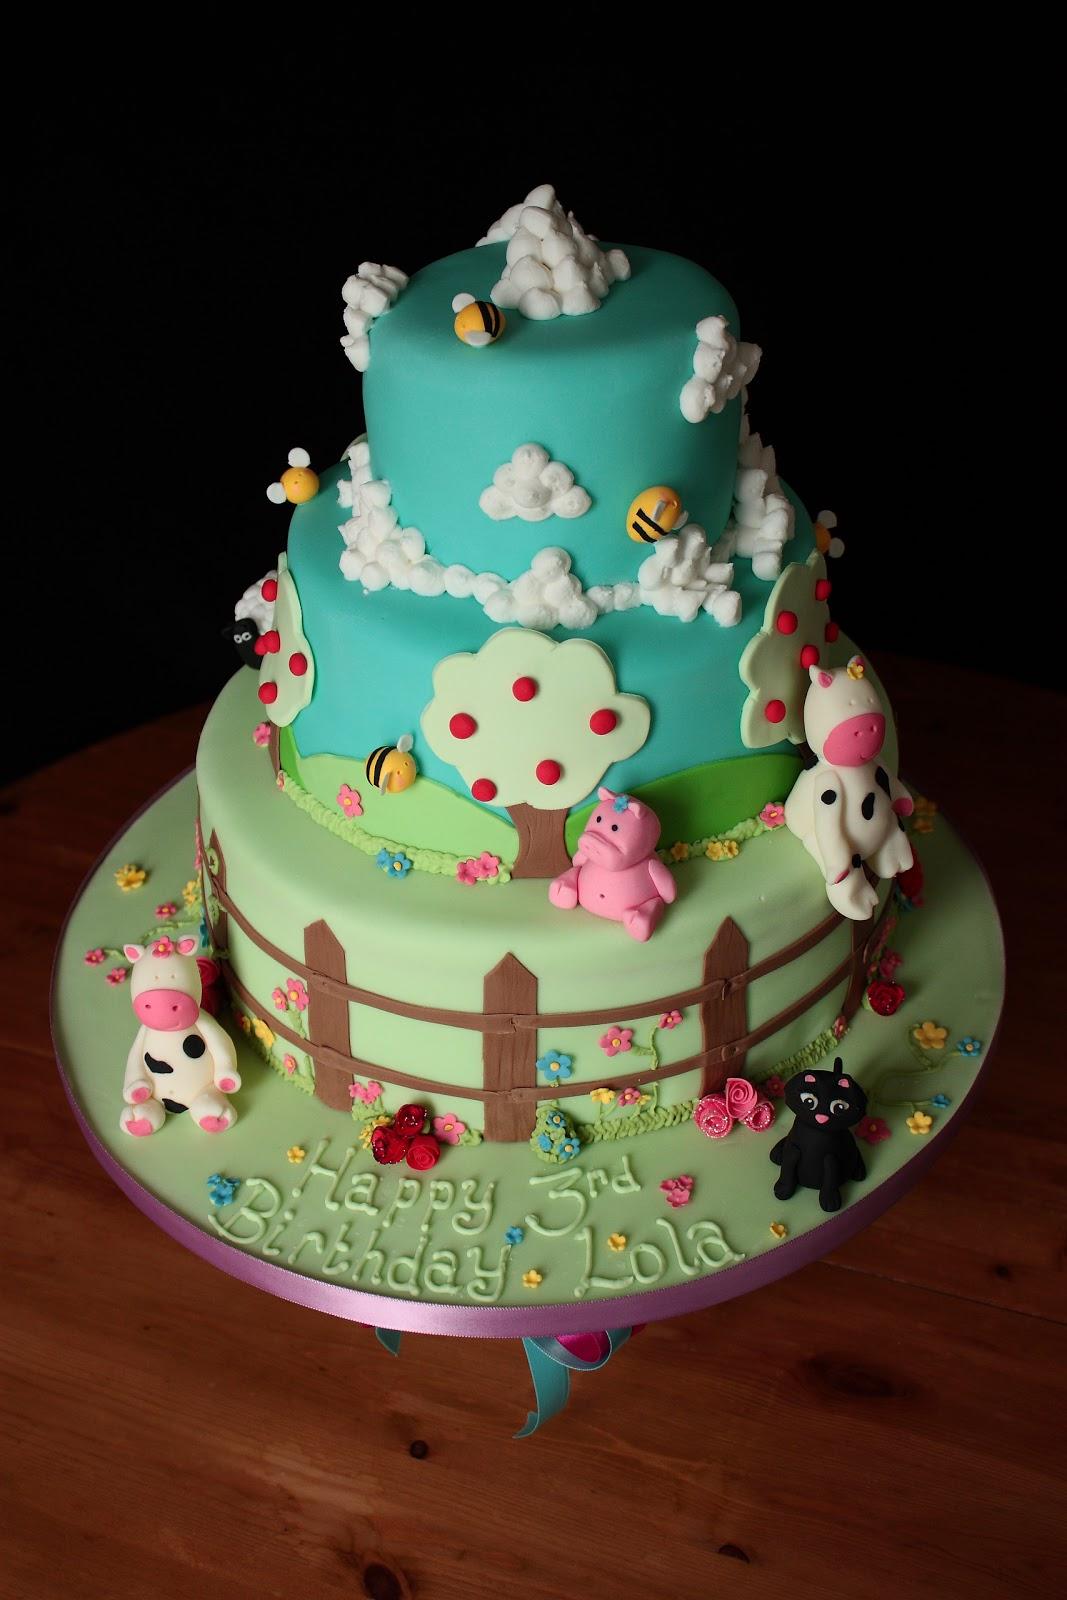 Enjoyable Vanilla Farm Birthday Cake Funny Birthday Cards Online Unhofree Goldxyz